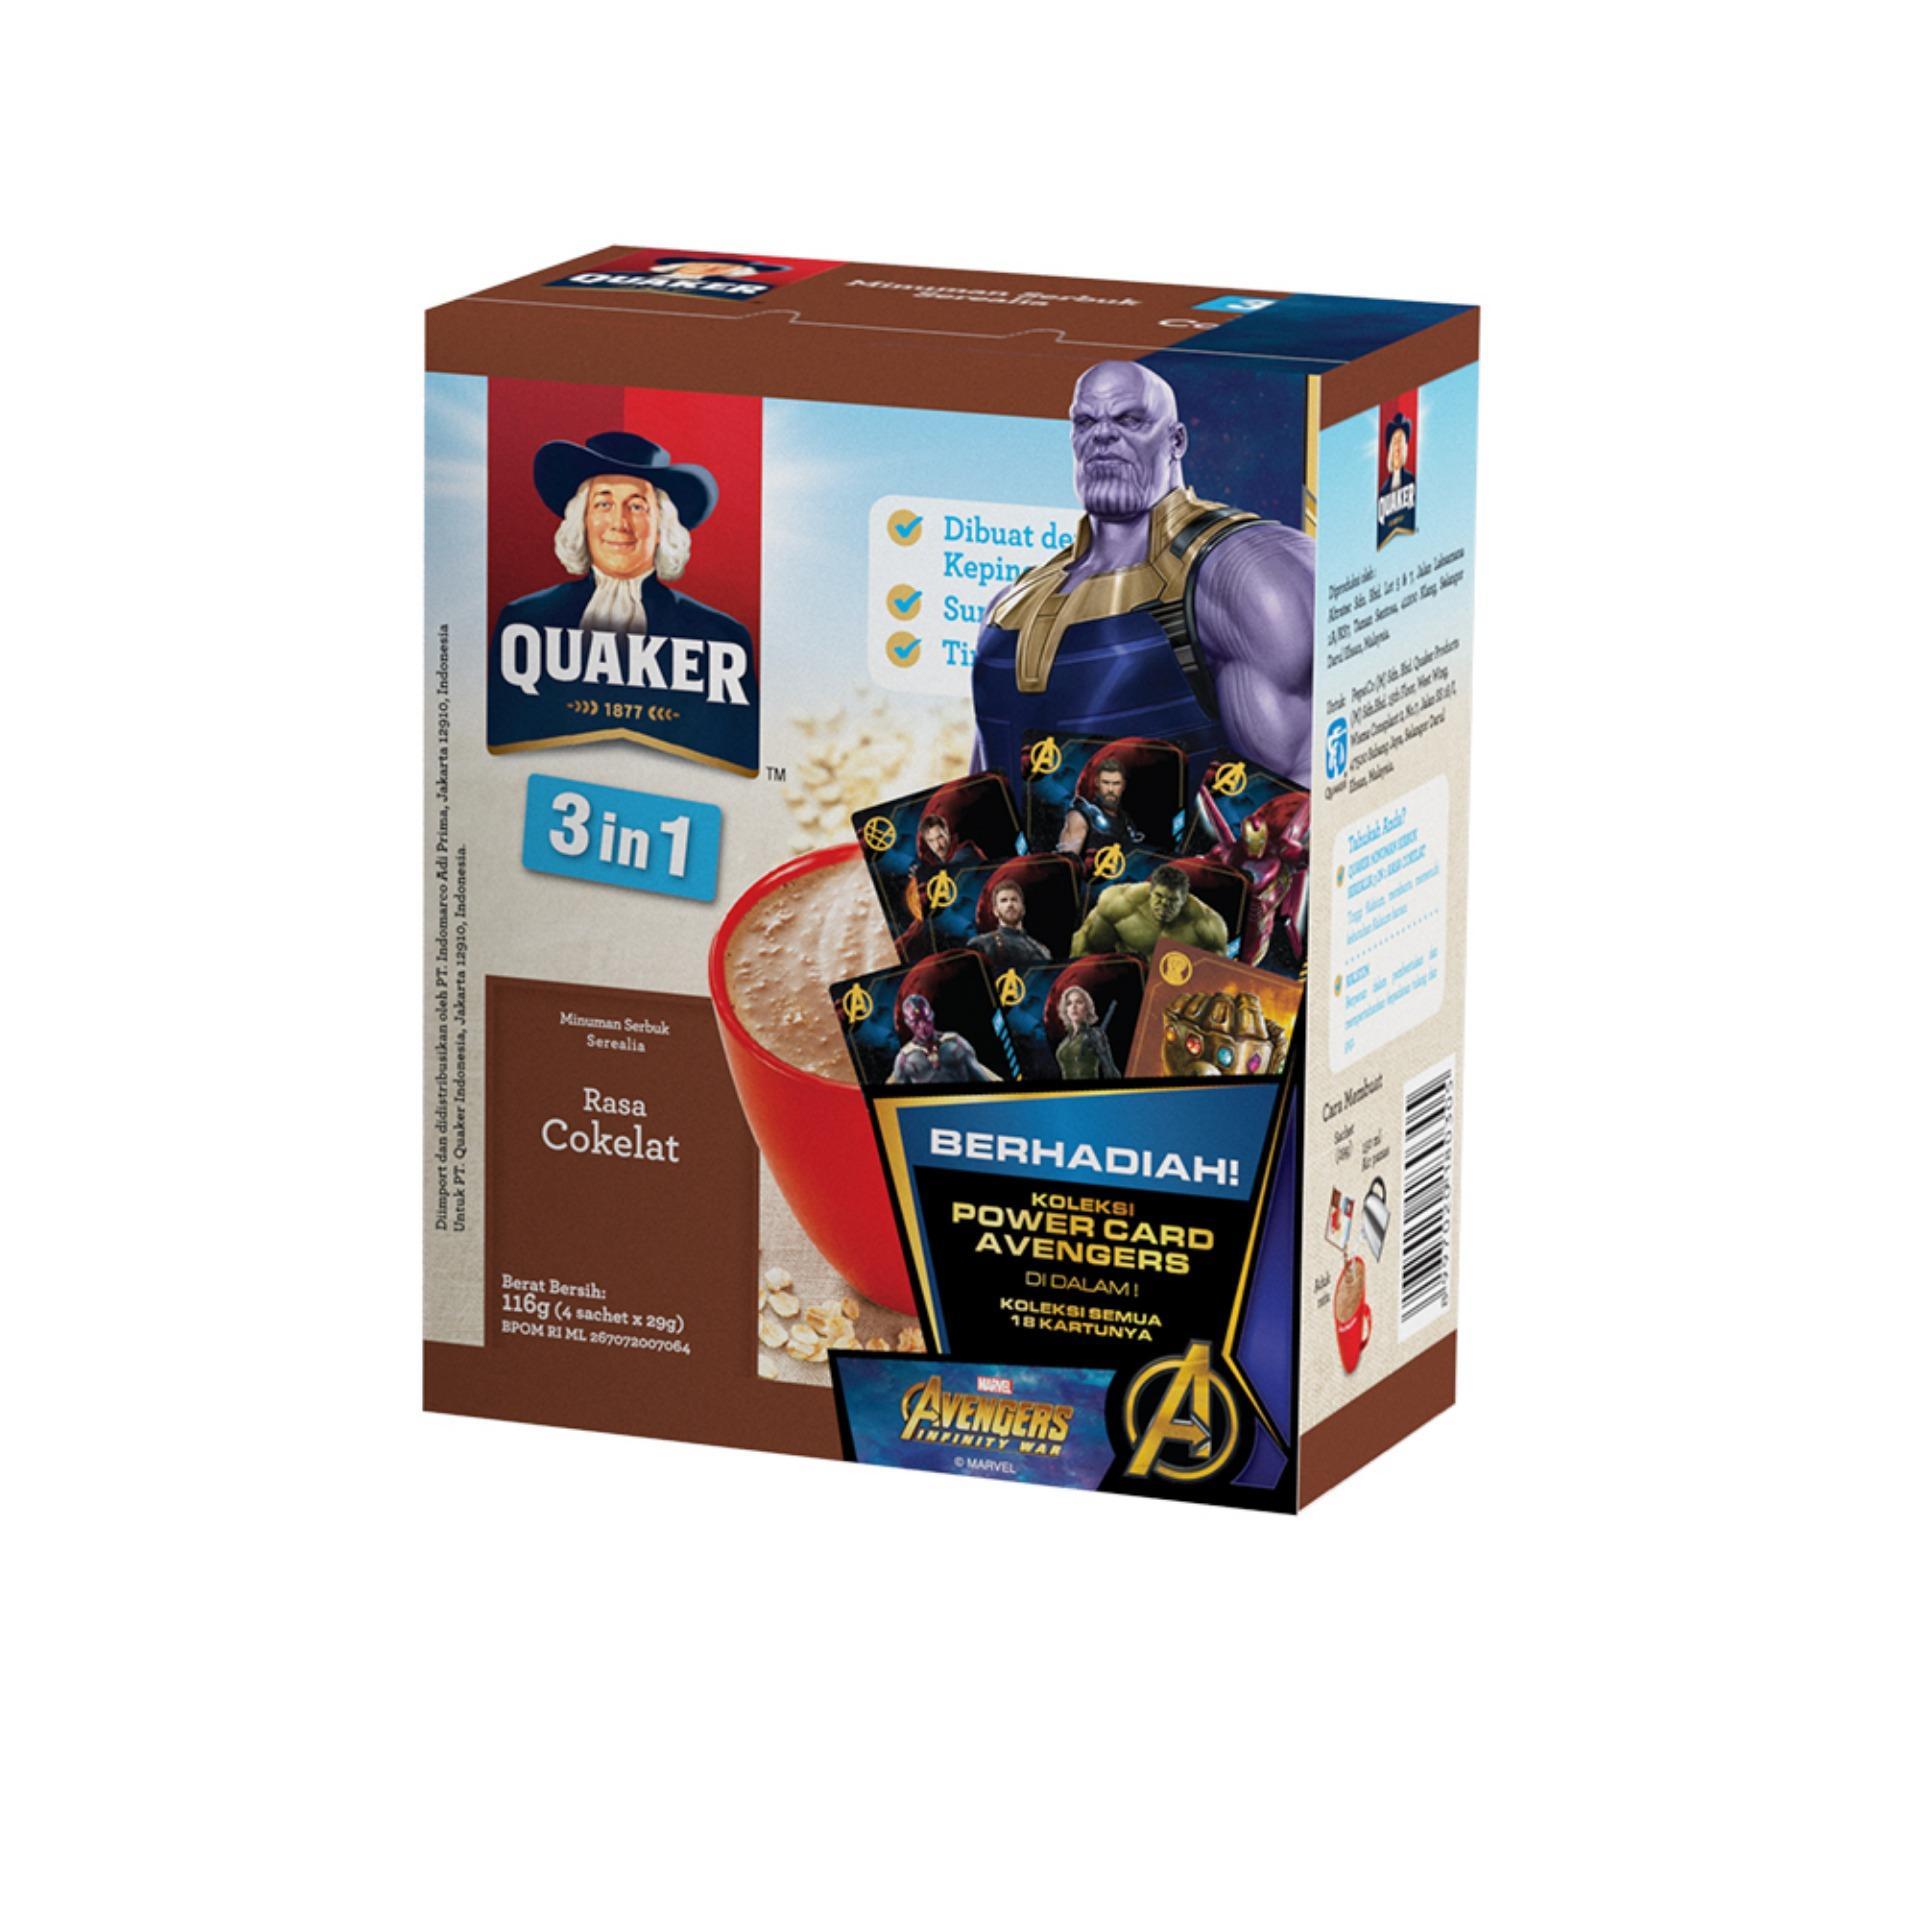 Kelebihan Quaker Instant Oatmeal Value Pack 1 2kg Gwp Terkini Jar Carton 12 Pcs P 12kg 4